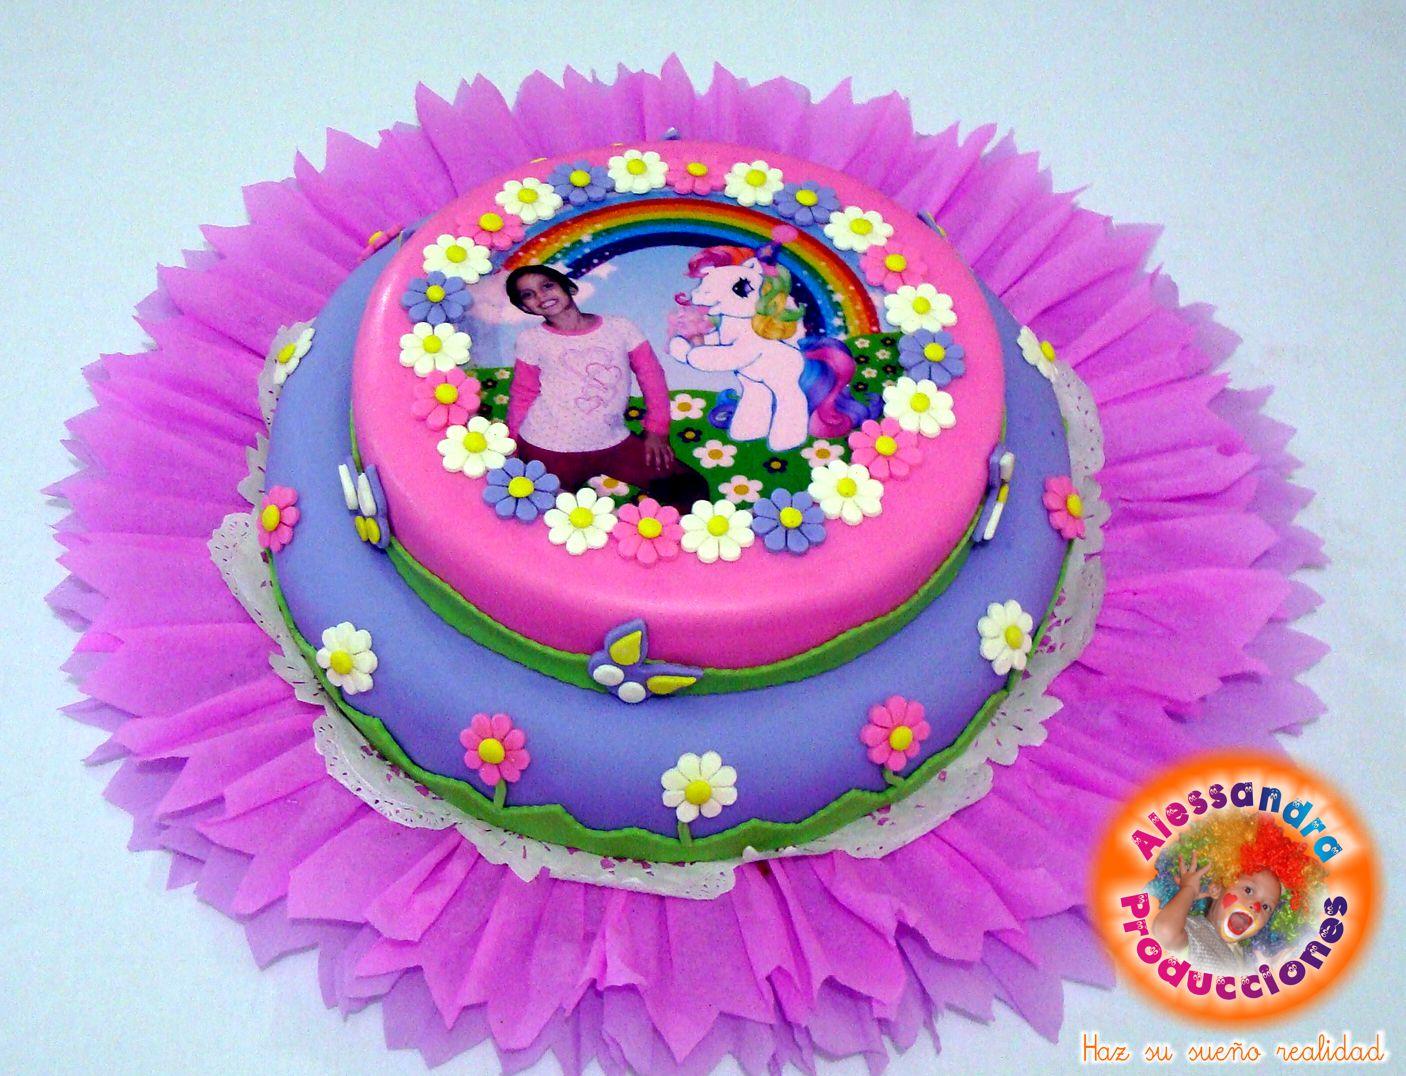 Pin decoraciones de tortas para los 15 a os cake on - Decoracion de tortas ...